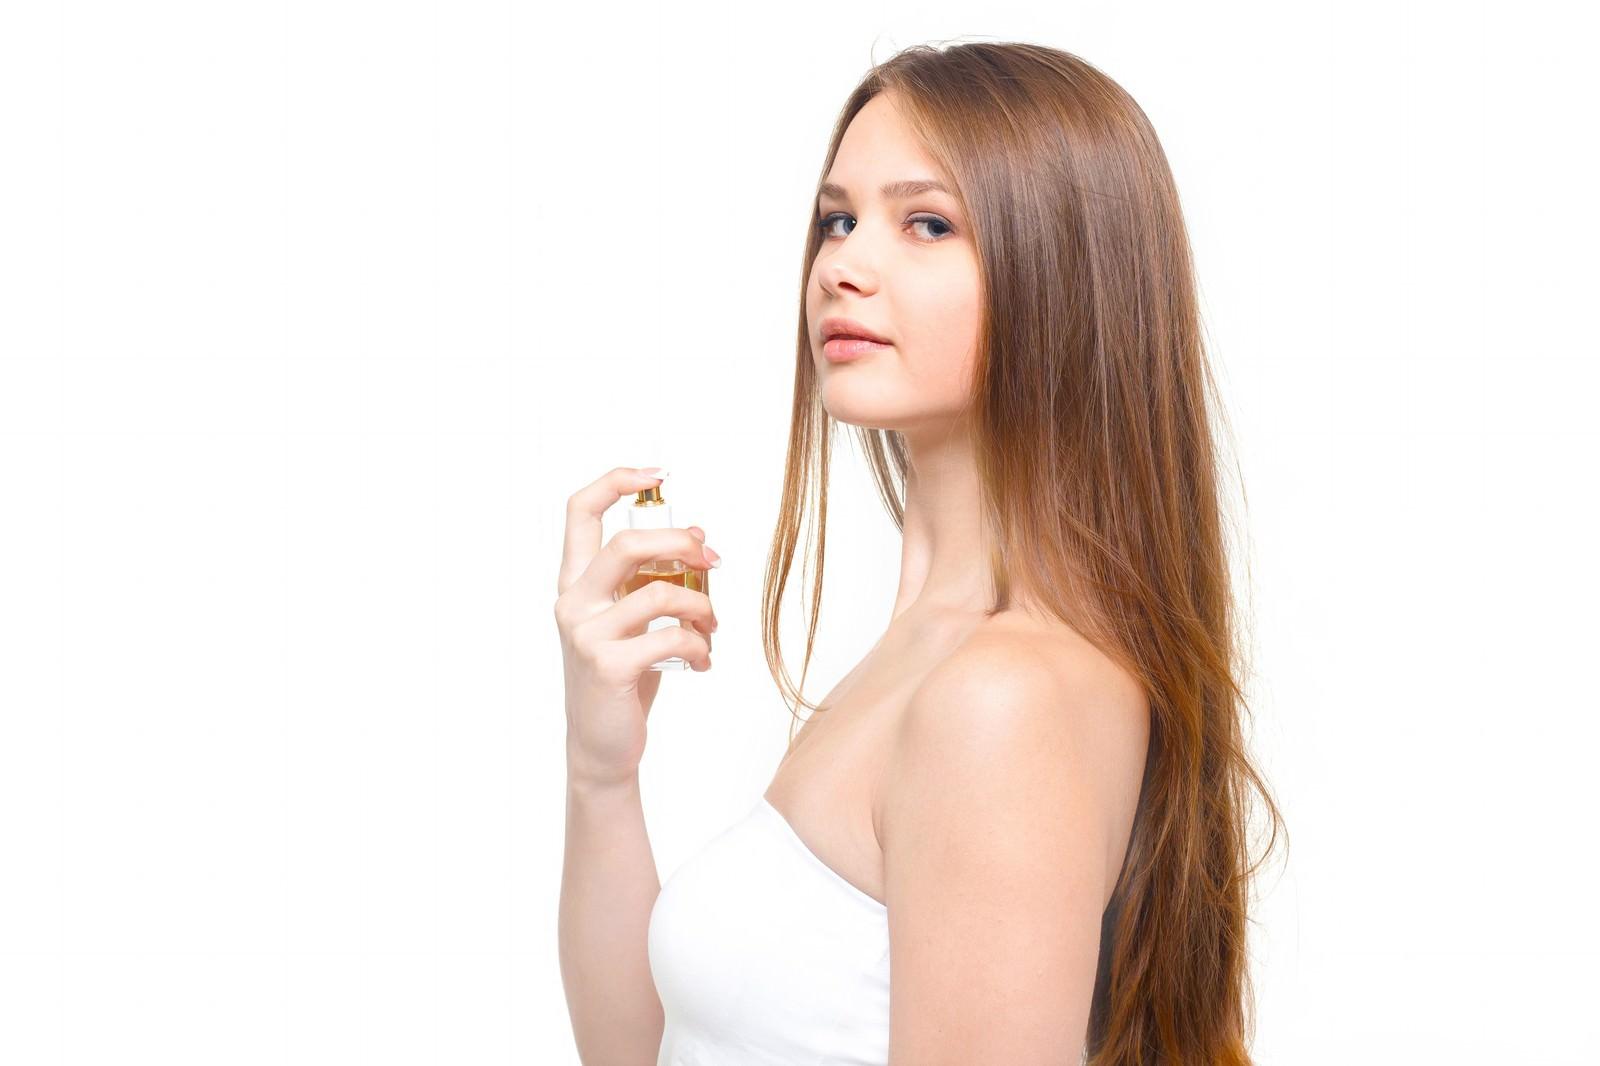 「香水と少し挑発的な横目線の女性」の写真[モデル:モデルファクトリー]